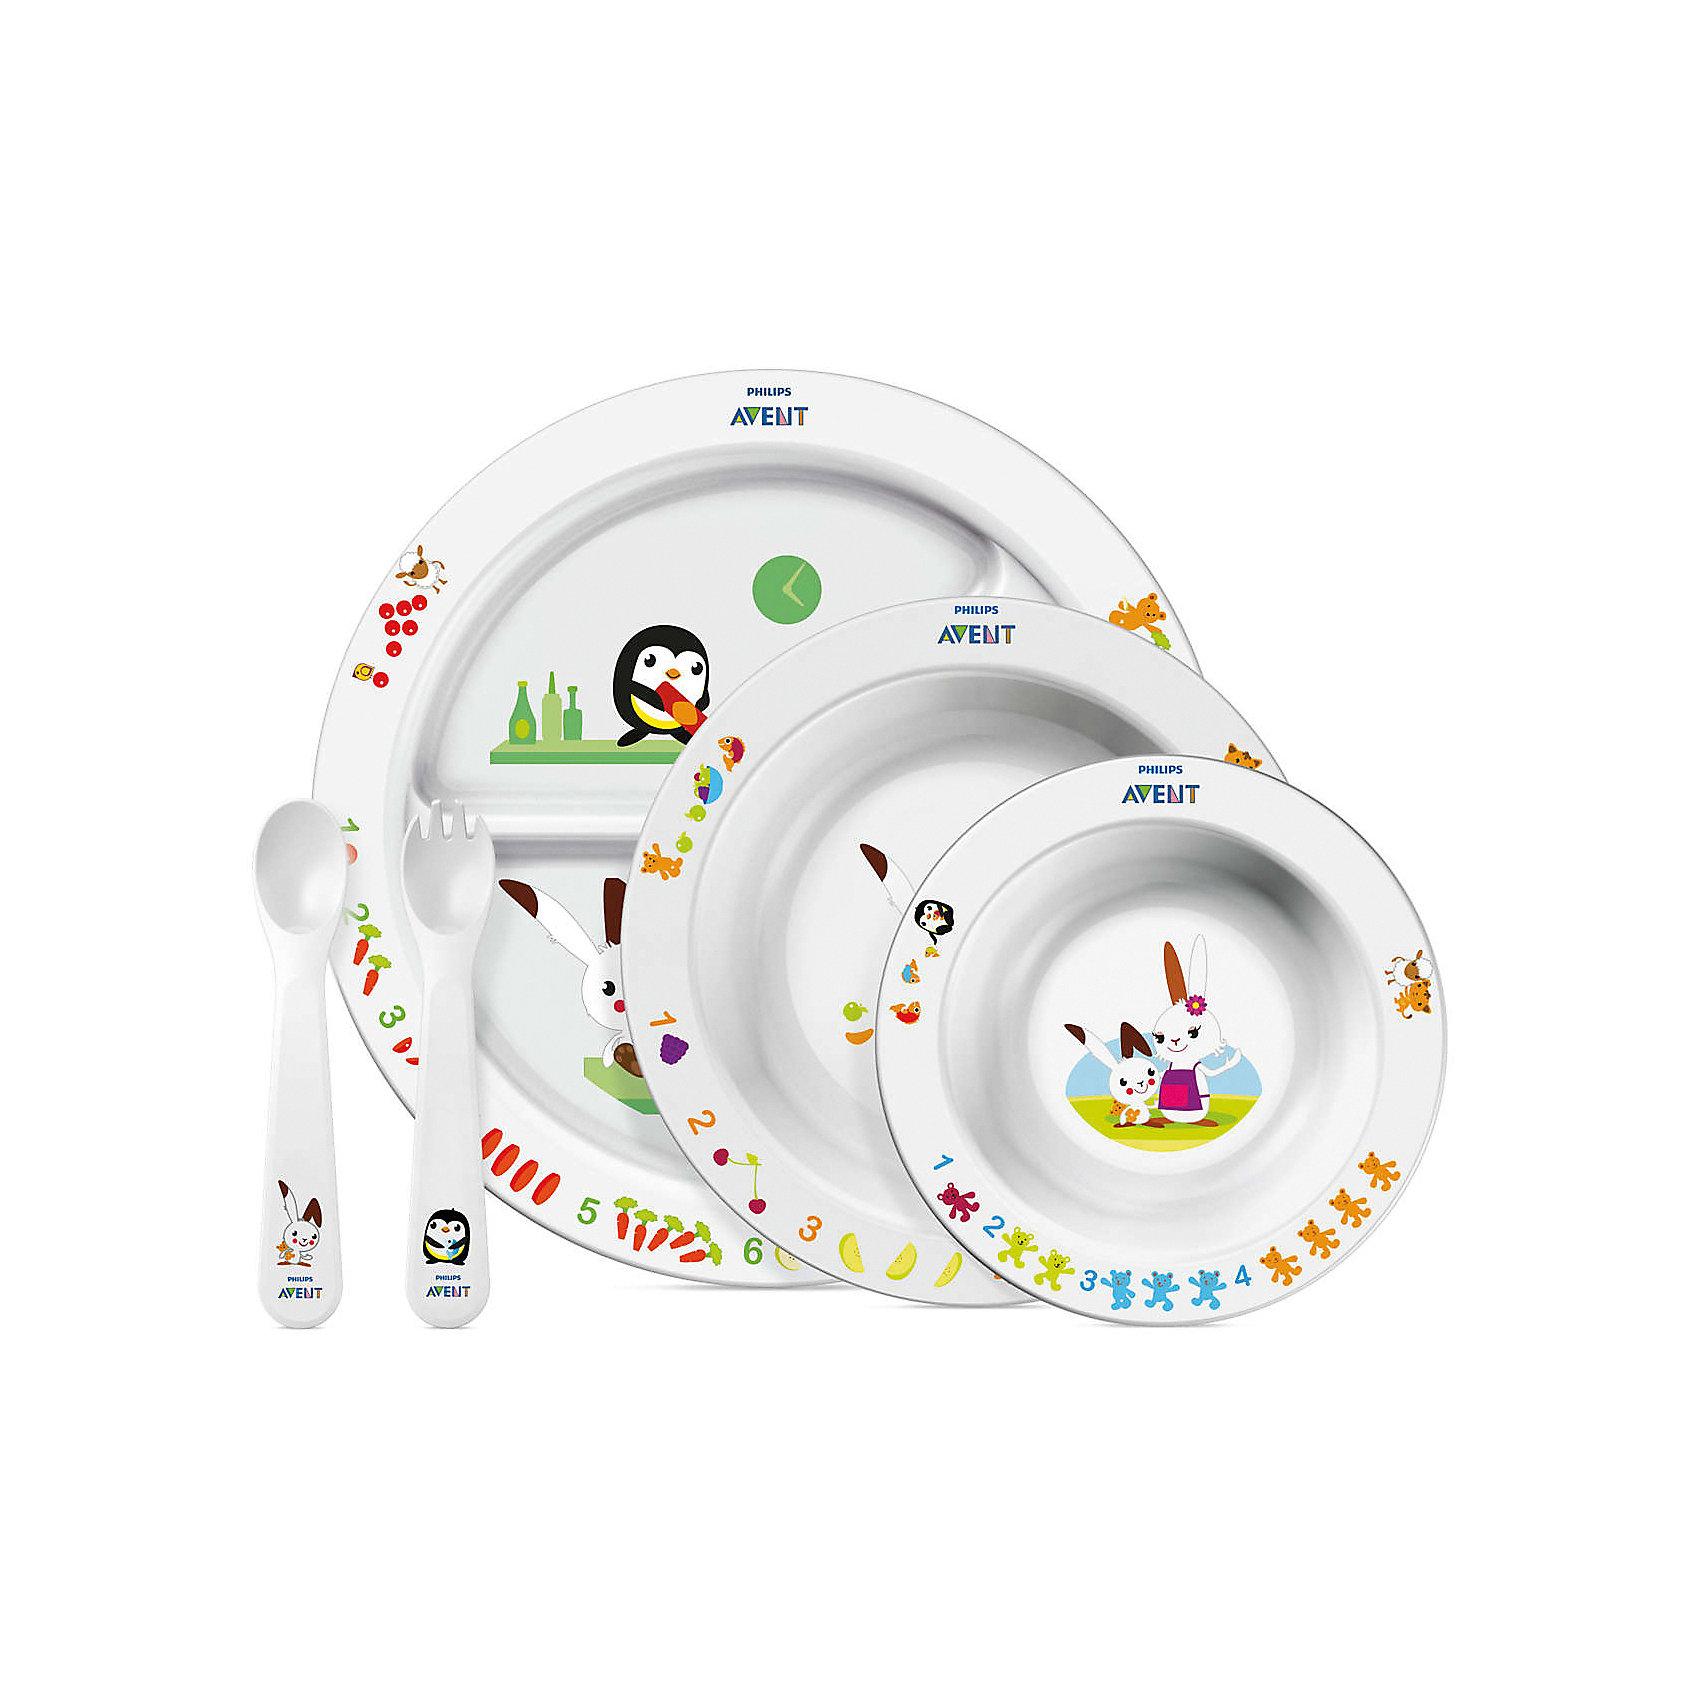 Набор посуды для малыша, AVENTПосуда для малышей<br>Набор посуды для кормления малышей от AVENT 6 мес.+<br>включает тарелочки и столовые приборы.  <br> <br> На посуде изображены сказочные герои - забавный кролик со своими веселыми друзьями. Привлекающие внимание, яркие и живые изображения и цифры помогают детям сосредоточиться на своих тарелках, и благодаря этому родителям легче удерживать внимание детей на еде.  <br><br>Характеристики:<br>- Вся посуда не содержит бисфенола А<br>- Пригодна для использования в СВЧ-печи и мытья в посудомоечной машине <br>- Все тарелки имеют нескользящее резиновое основание, что предотвращает проливание и разбрызгивание пищи.  - Форма ложки и вилки разработана специально для маленьких ротиков и нежных десен, обеспечивает деликатное кормление и комфортные ощущения малыша<br><br>В наборе: <br>Тарелка с разделителями для блюд  <br>Большая тарелка и маленькая тарелка<br>Вилка и ложка для малыша ясельного возраста<br>  <br>Прекрасный набор, который будет радовать малыша во время каждого приёма пищи!<br><br>Ширина мм: 90<br>Глубина мм: 310<br>Высота мм: 350<br>Вес г: 652<br>Возраст от месяцев: 6<br>Возраст до месяцев: 36<br>Пол: Унисекс<br>Возраст: Детский<br>SKU: 2174544